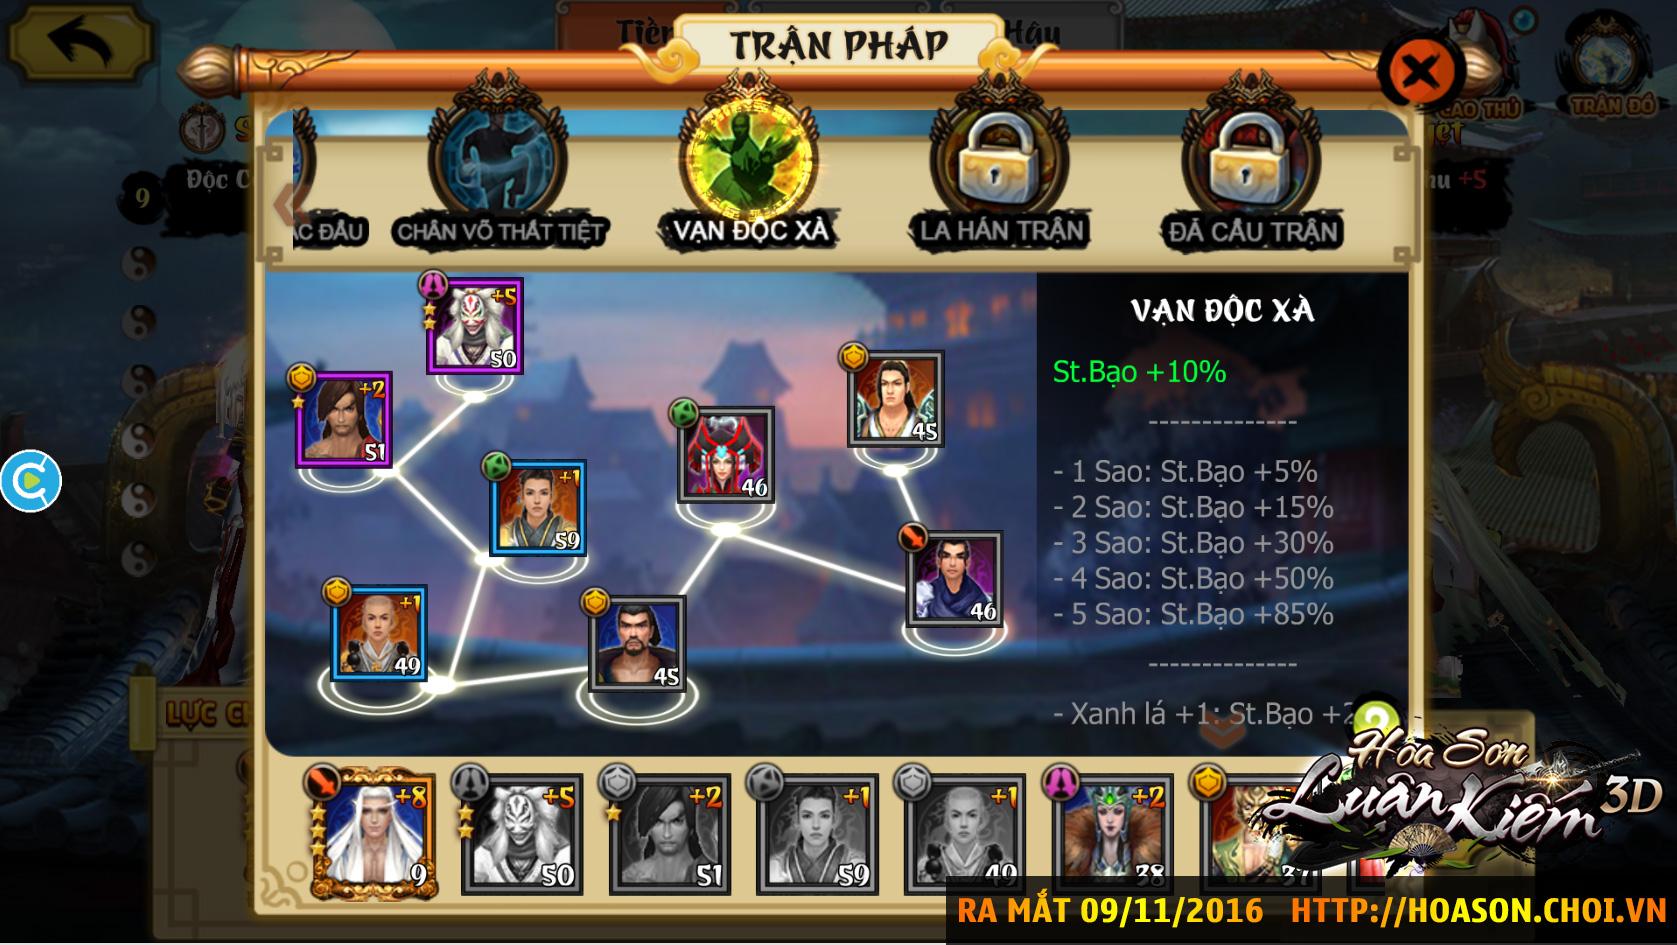 Hoa Sơn Luận Kiếm 3D, game mobile Việt cực đỉnh, chính thức cho tải về từ hôm nay